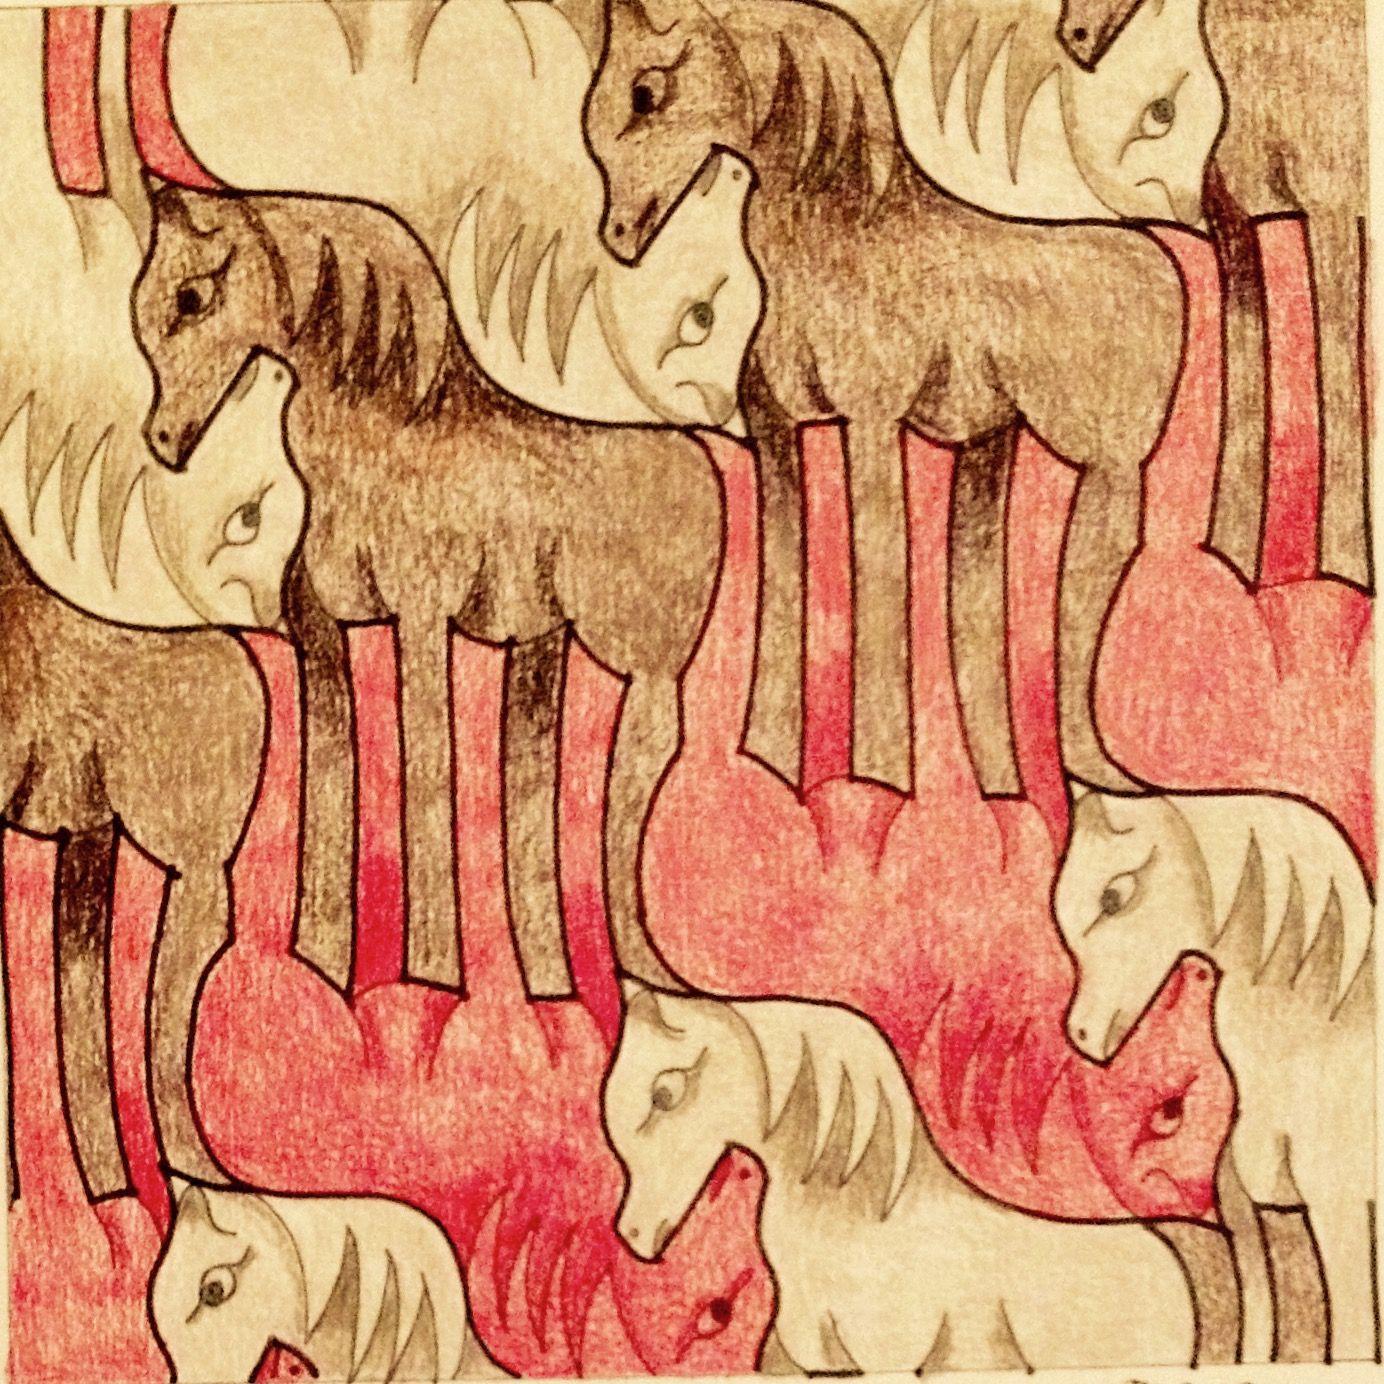 Schön Mc Escher Malvorlagen Bilder - Malvorlagen Von Tieren - ngadi.info